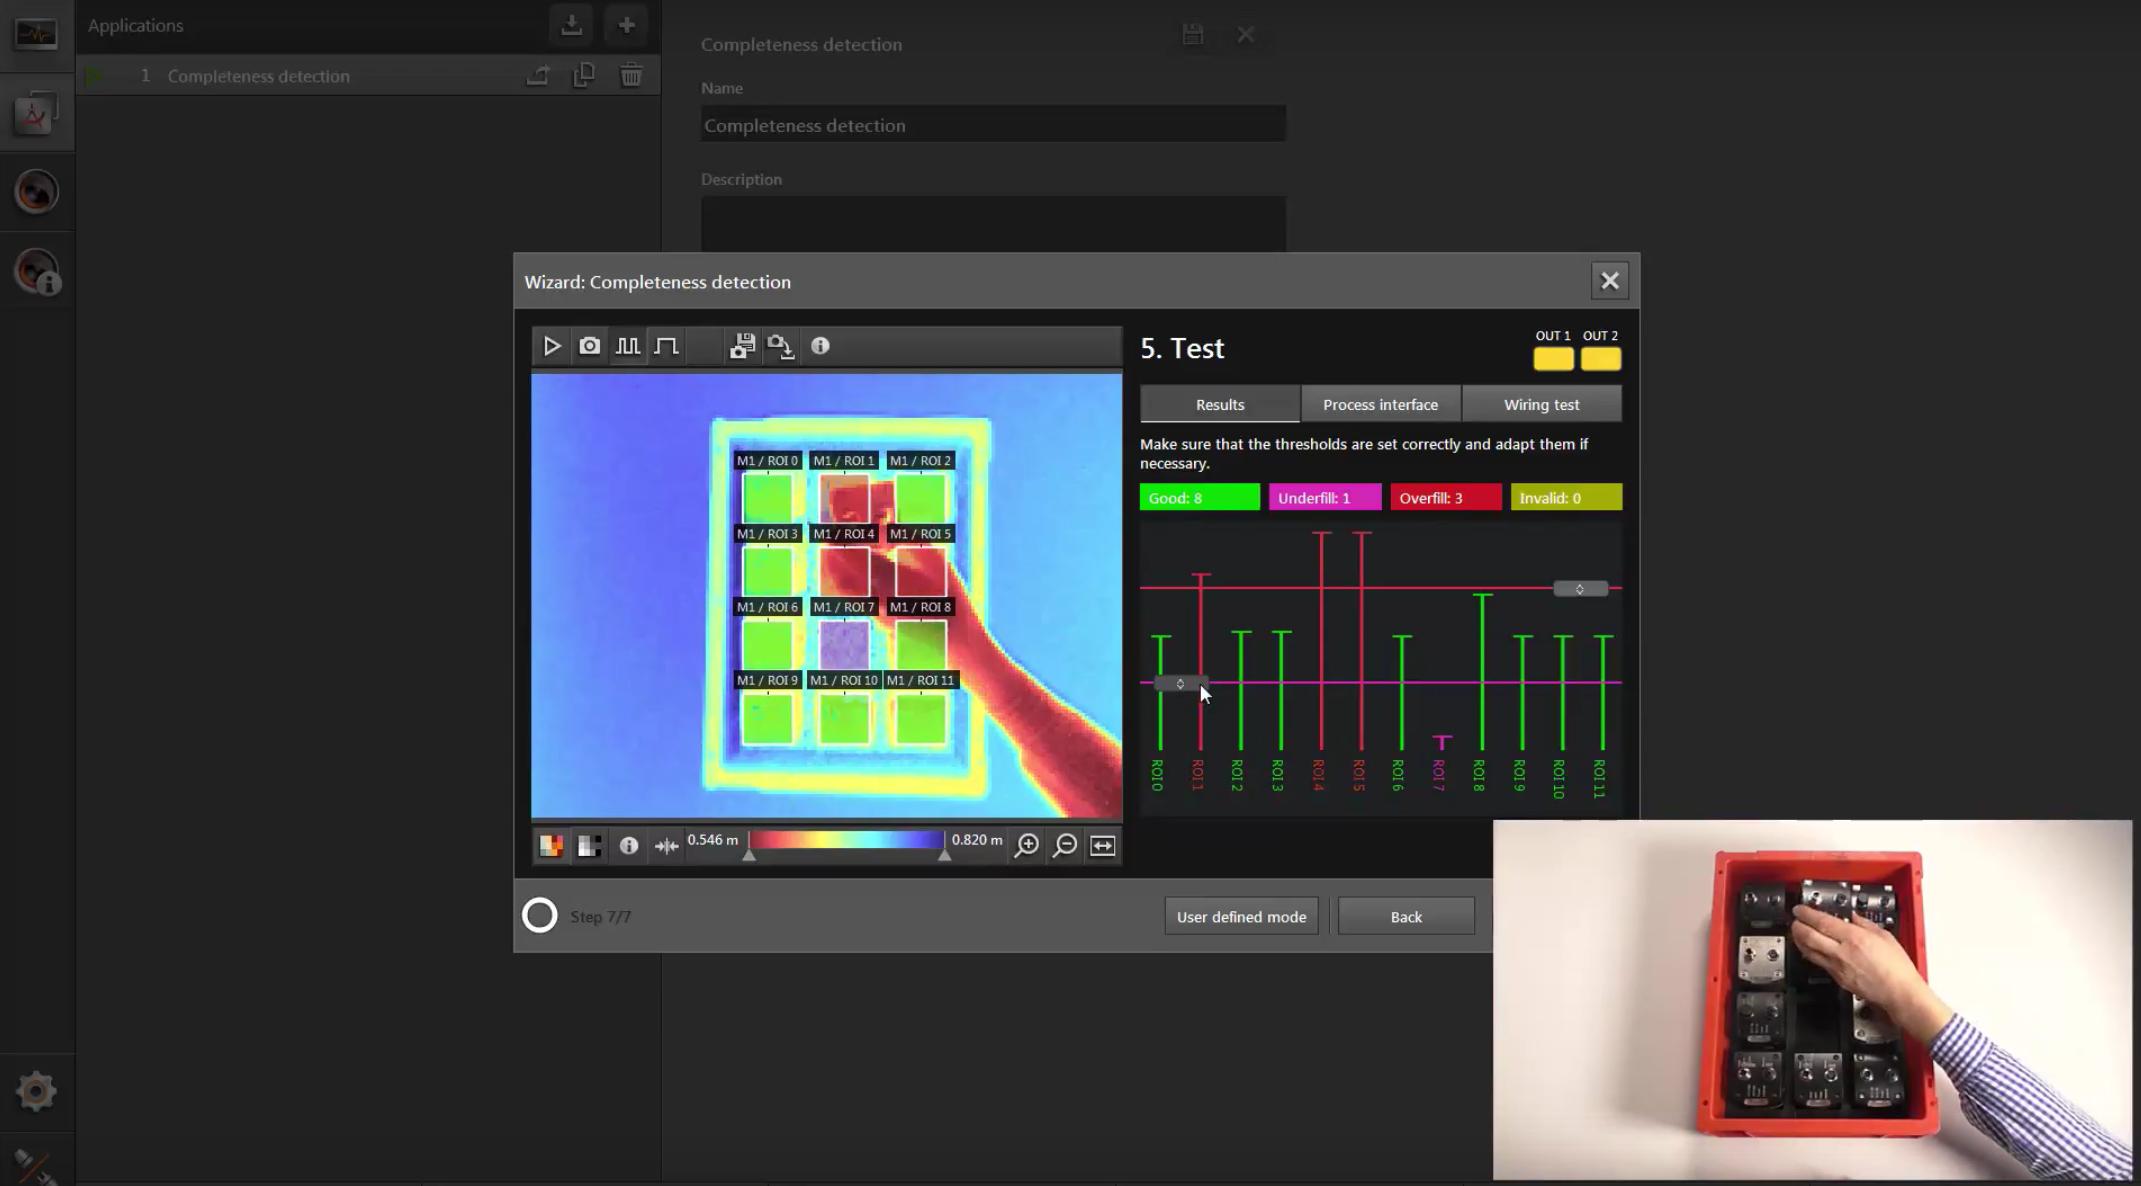 User defined mode Vollständigkeitsüberprüfung mit dem ifm Vision Assistant